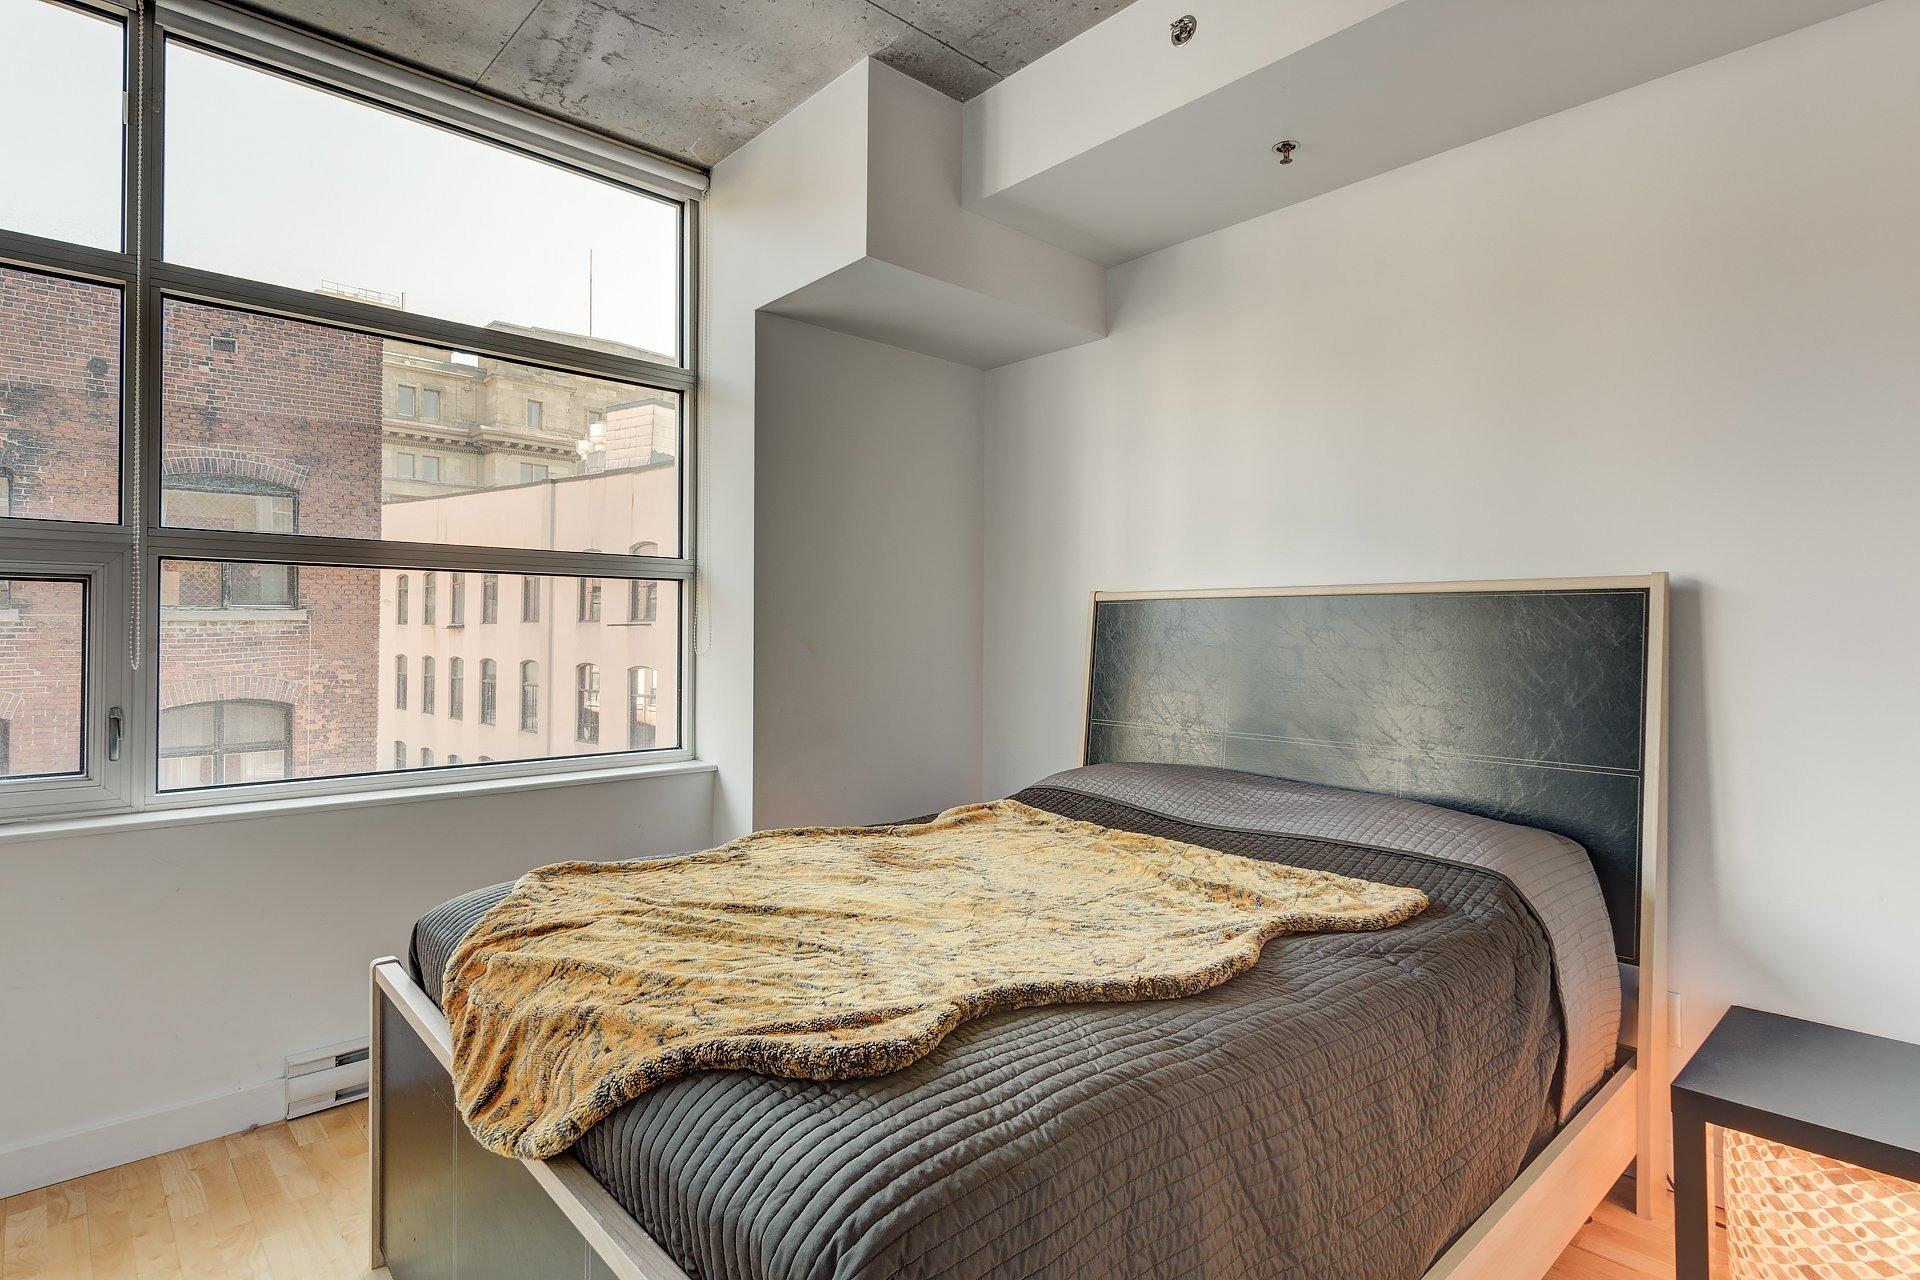 image 11 - Apartment For rent Ville-Marie Montréal  - 3 rooms